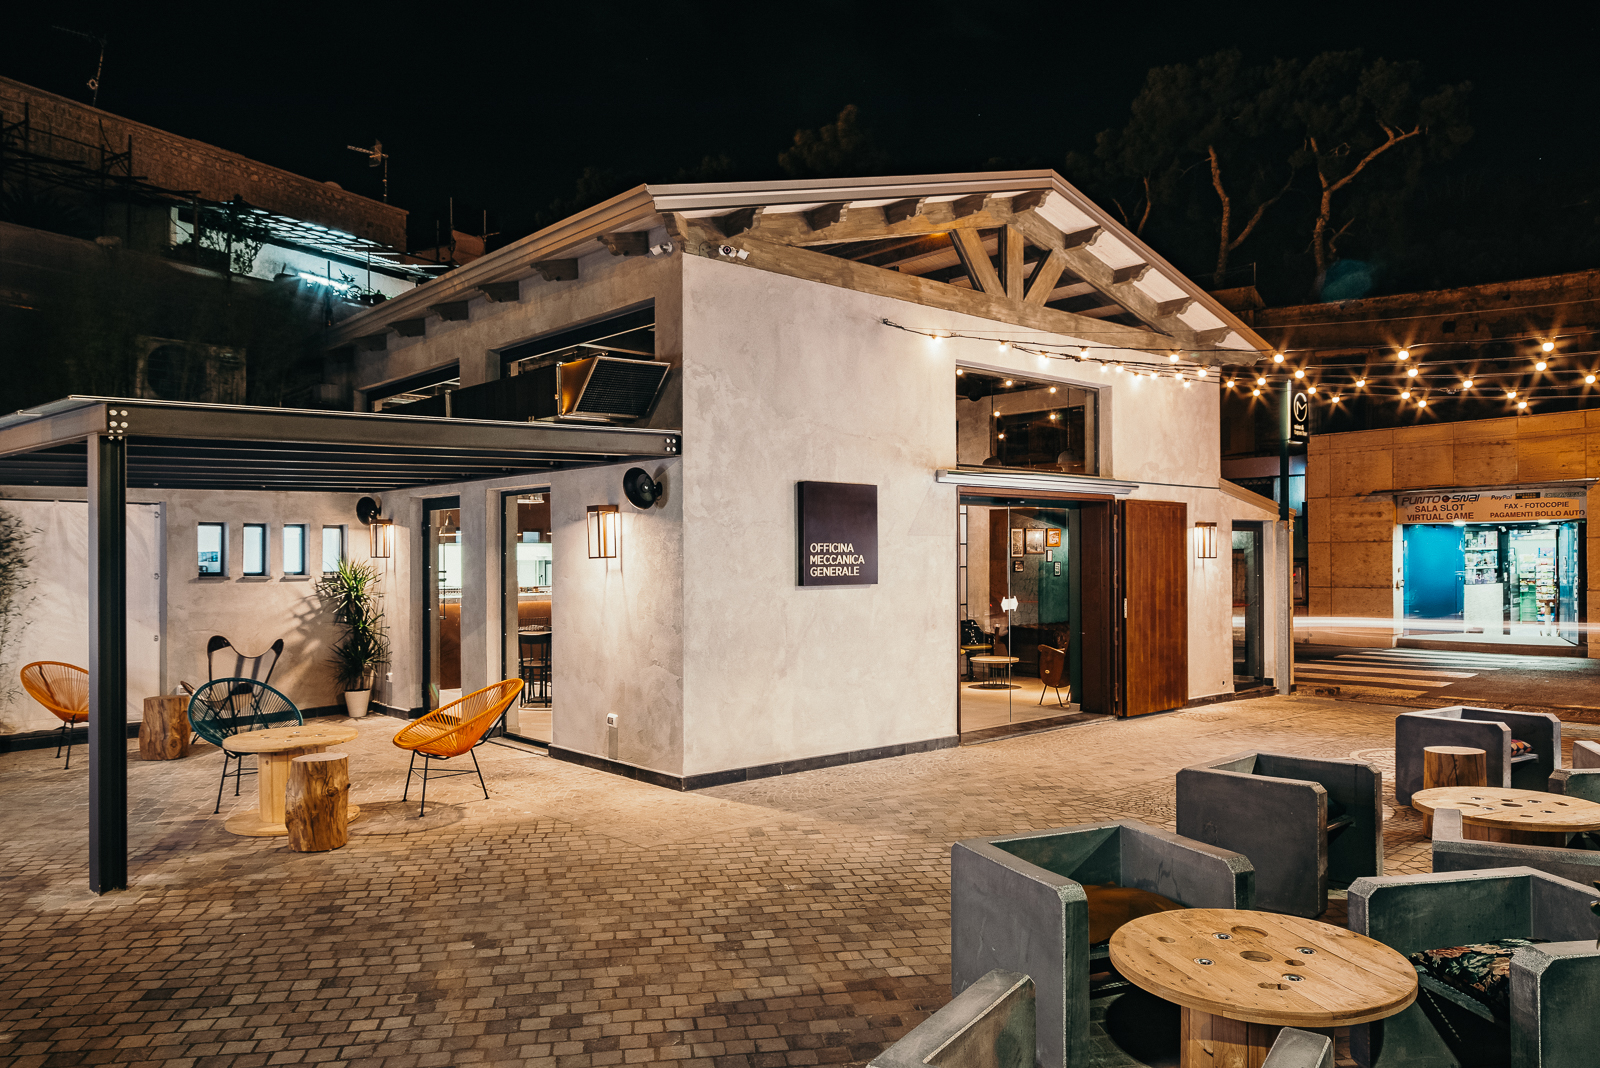 officina meccanica generale ristorante cocktail bar Bacoli